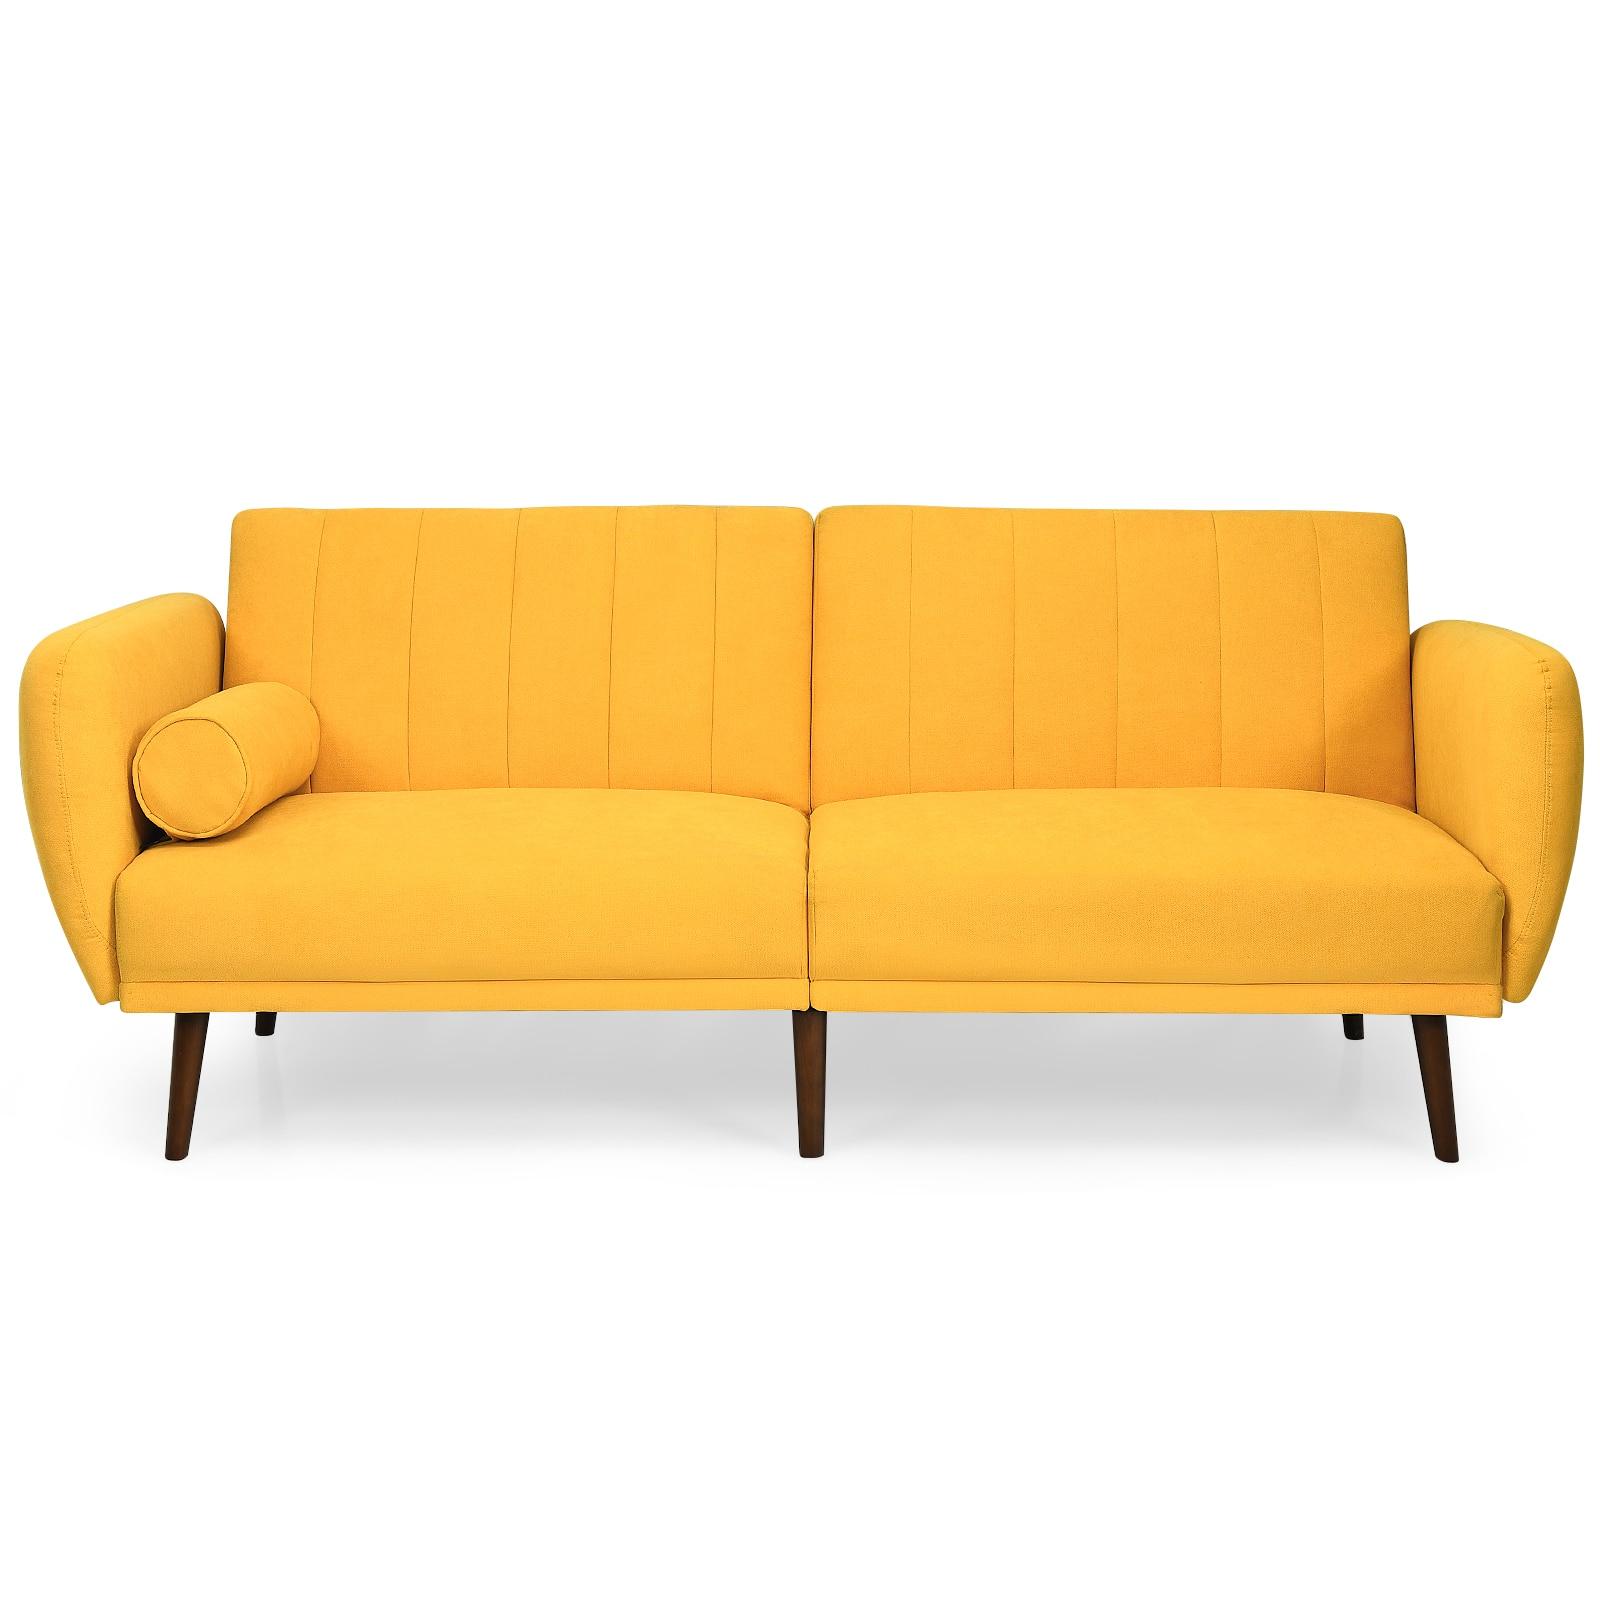 Giantex للتحويل فوتون أريكة سرير قابل للتعديل الأريكة النائم ث/الساقين الخشبية HW66380